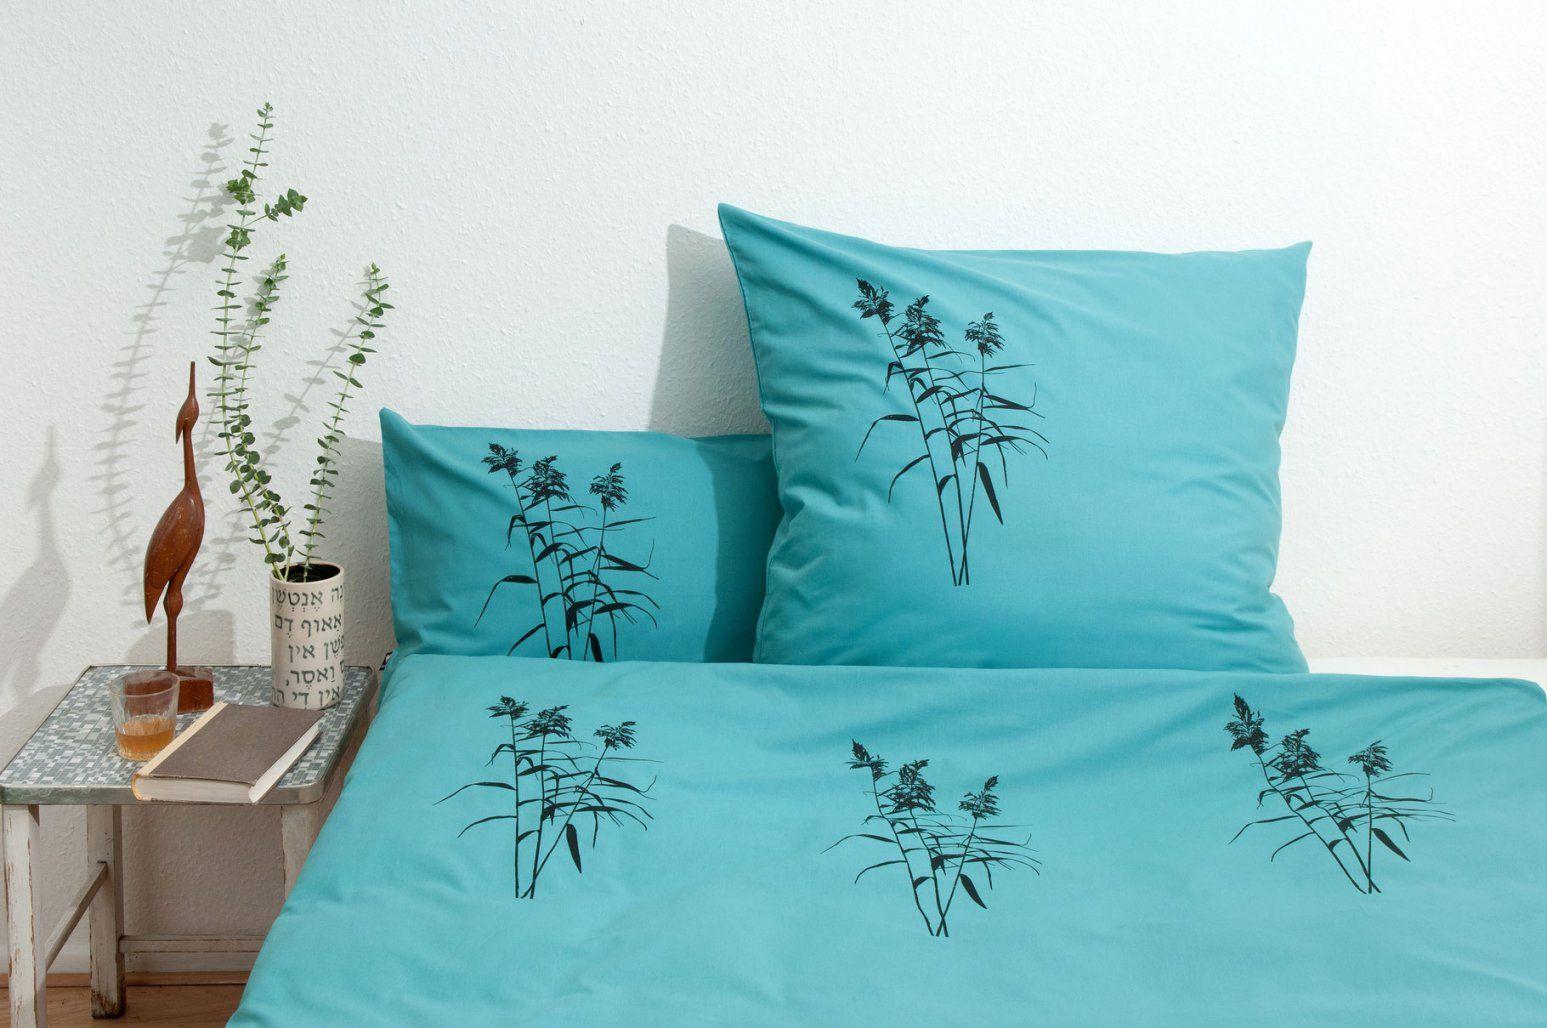 Fairtradebettwäsche Aus Biobaumwolle  Hirschkind  Faire Mode Für von Bettwäsche Bedrucken Lassen Günstig Bild